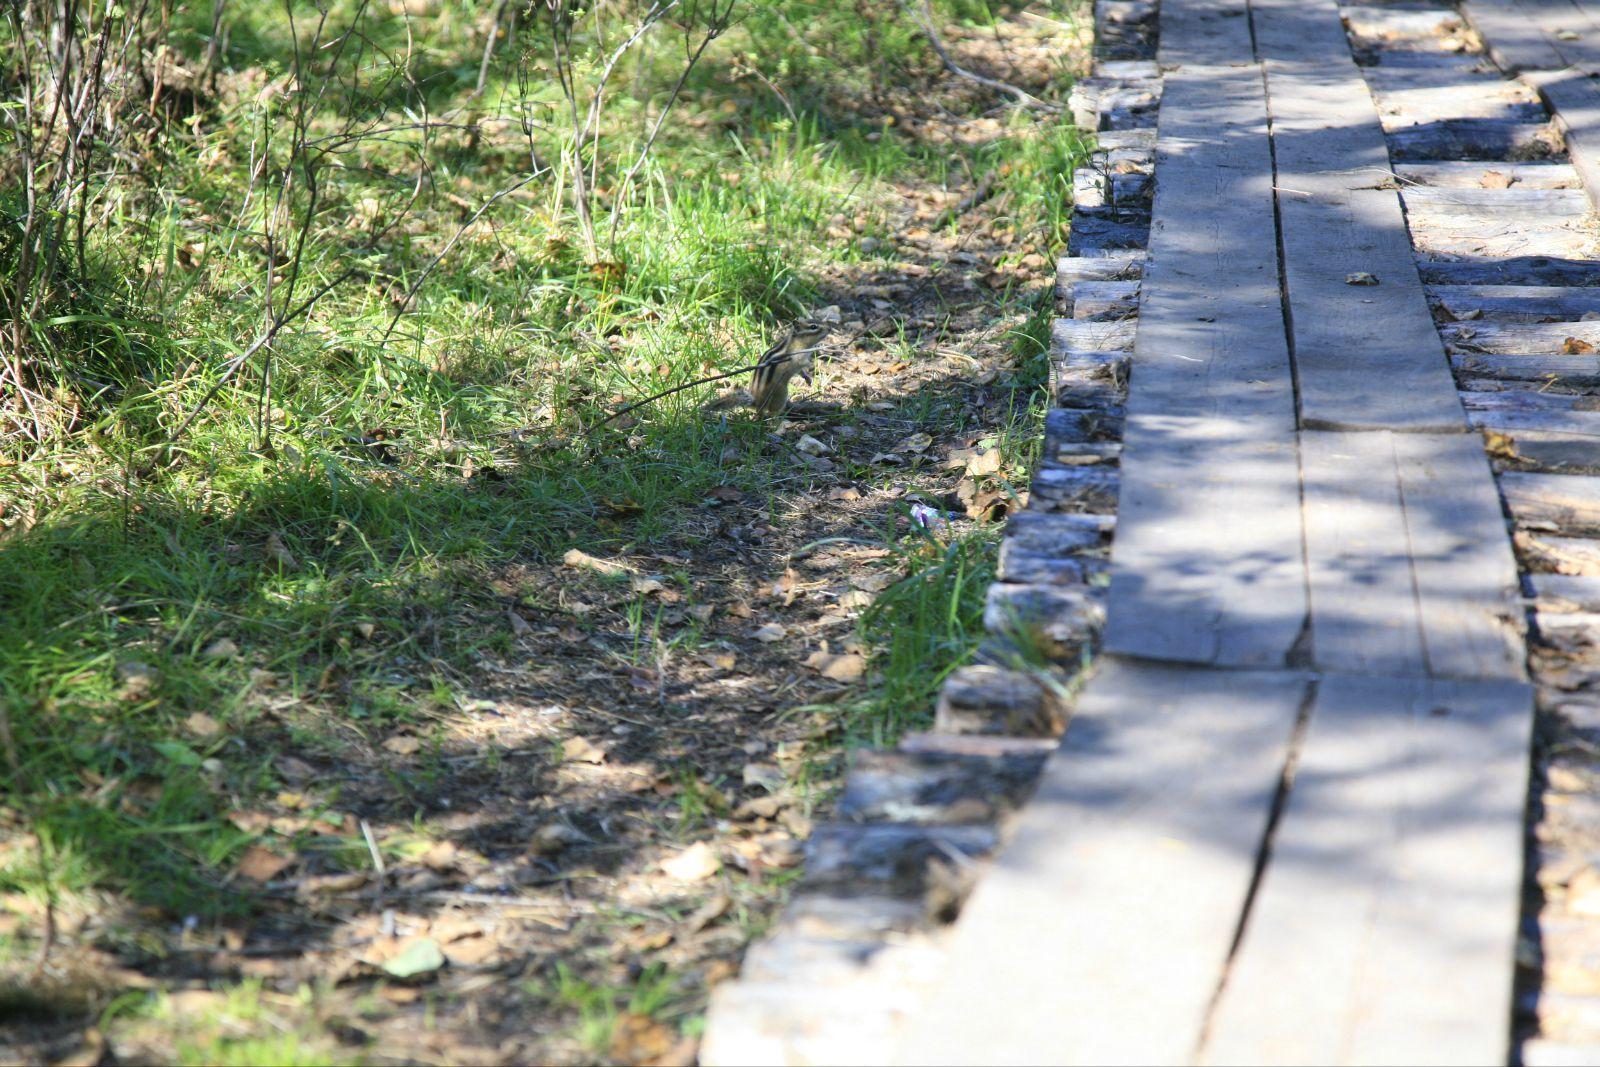 小道行车~一路上都是白桦树和落叶松交错着,时不时还窜出来只松鼠和